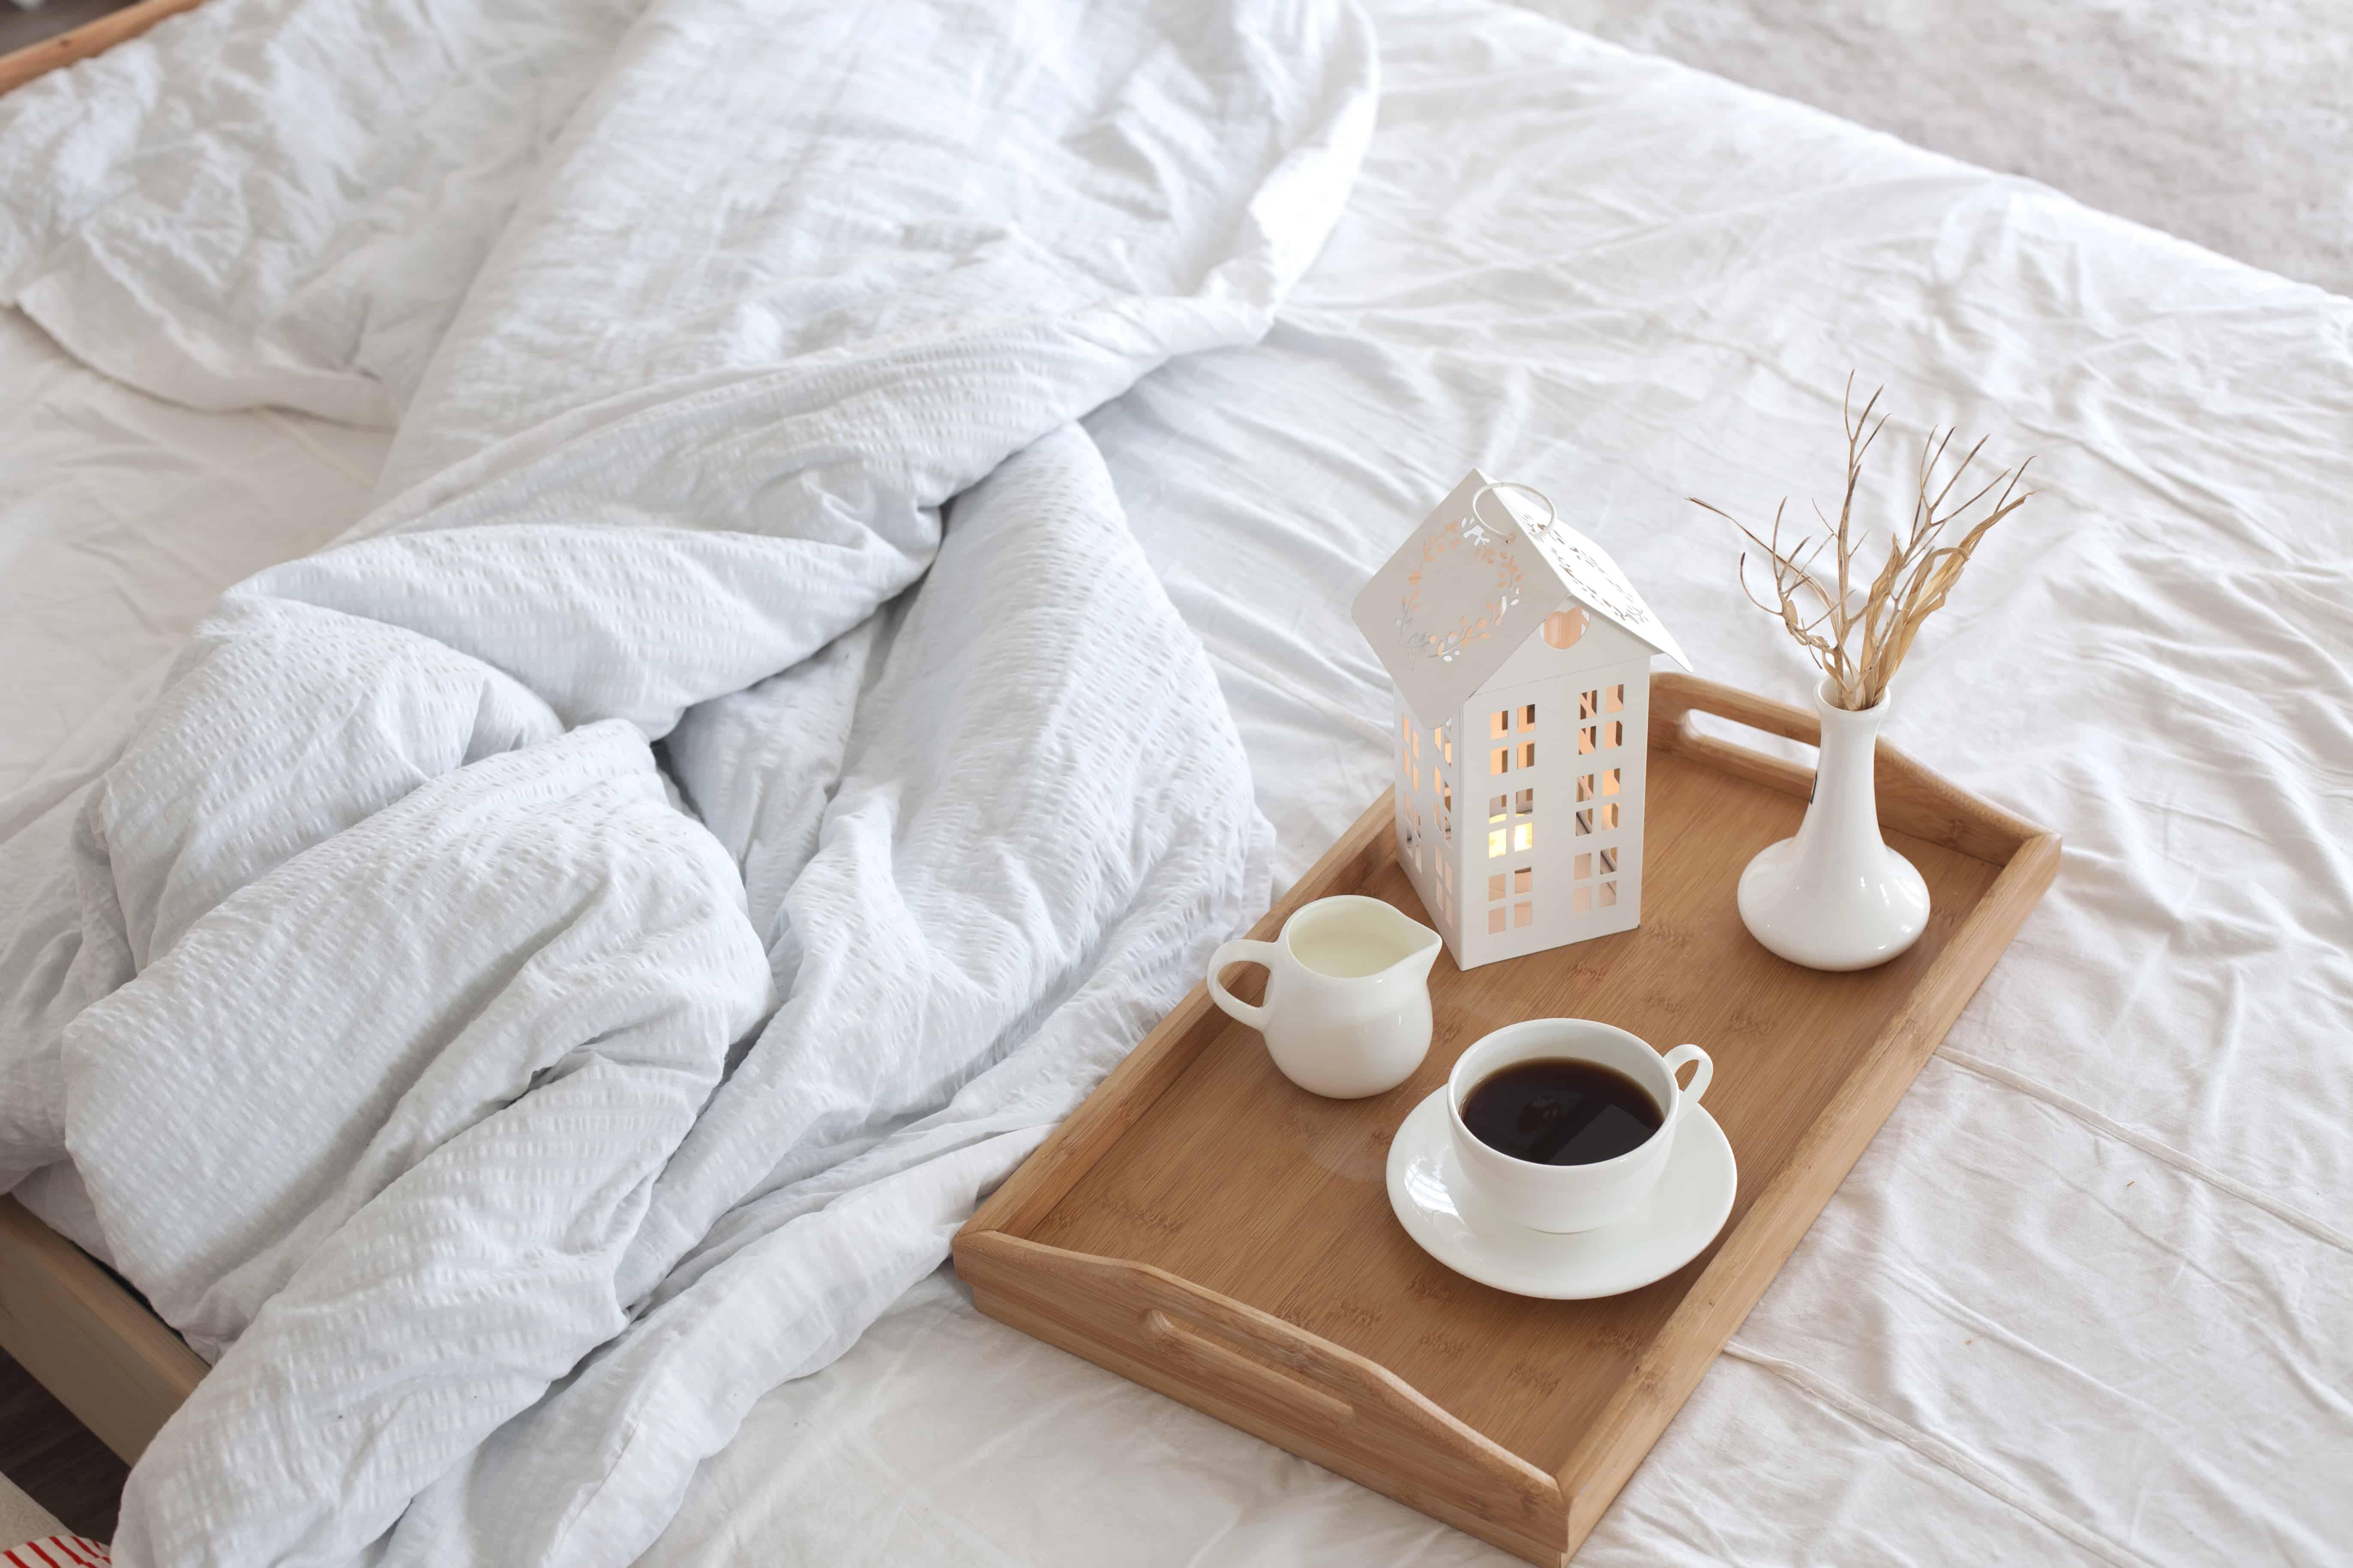 Baumwoll Bettwäsche Test 2019 Die Besten Bettwäschen Im Vergleich